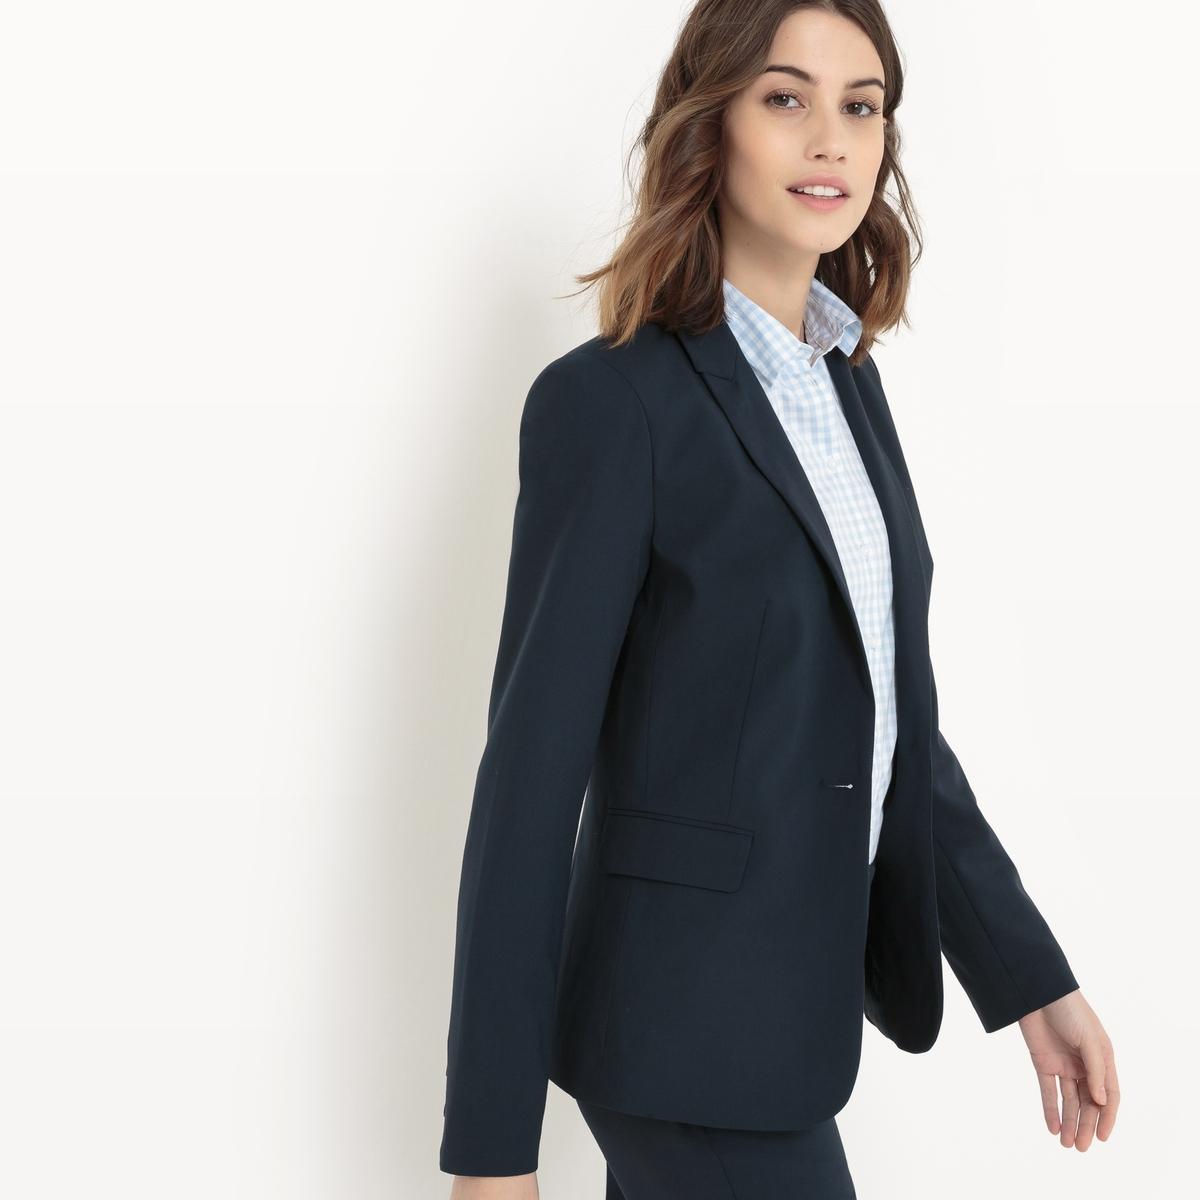 Пиджак костюмный, длина 60 смКлассический костюмный пиджак R essentiel . Застежка на 1 пуговицу . Два кармана с клапаном.                 Состав и описание :                              Материал            62% полиэстера, 33% вискозы, 5% эластана             Длина         60 см         Марка            R essentiel                          Уход: :             Машинная стирка при 30 °С на деликатном режиме             Сухая чистка и отбеливание запрещены             Машинная сушка запрещена             Гладить на низкой температуре<br><br>Цвет: серый меланж,синий морской,черный<br>Размер: 36 (FR) - 42 (RUS).52 (FR) - 58 (RUS).50 (FR) - 56 (RUS).46 (FR) - 52 (RUS).42 (FR) - 48 (RUS).40 (FR) - 46 (RUS).36 (FR) - 42 (RUS).38 (FR) - 44 (RUS).34 (FR) - 40 (RUS).48 (FR) - 54 (RUS).48 (FR) - 54 (RUS)